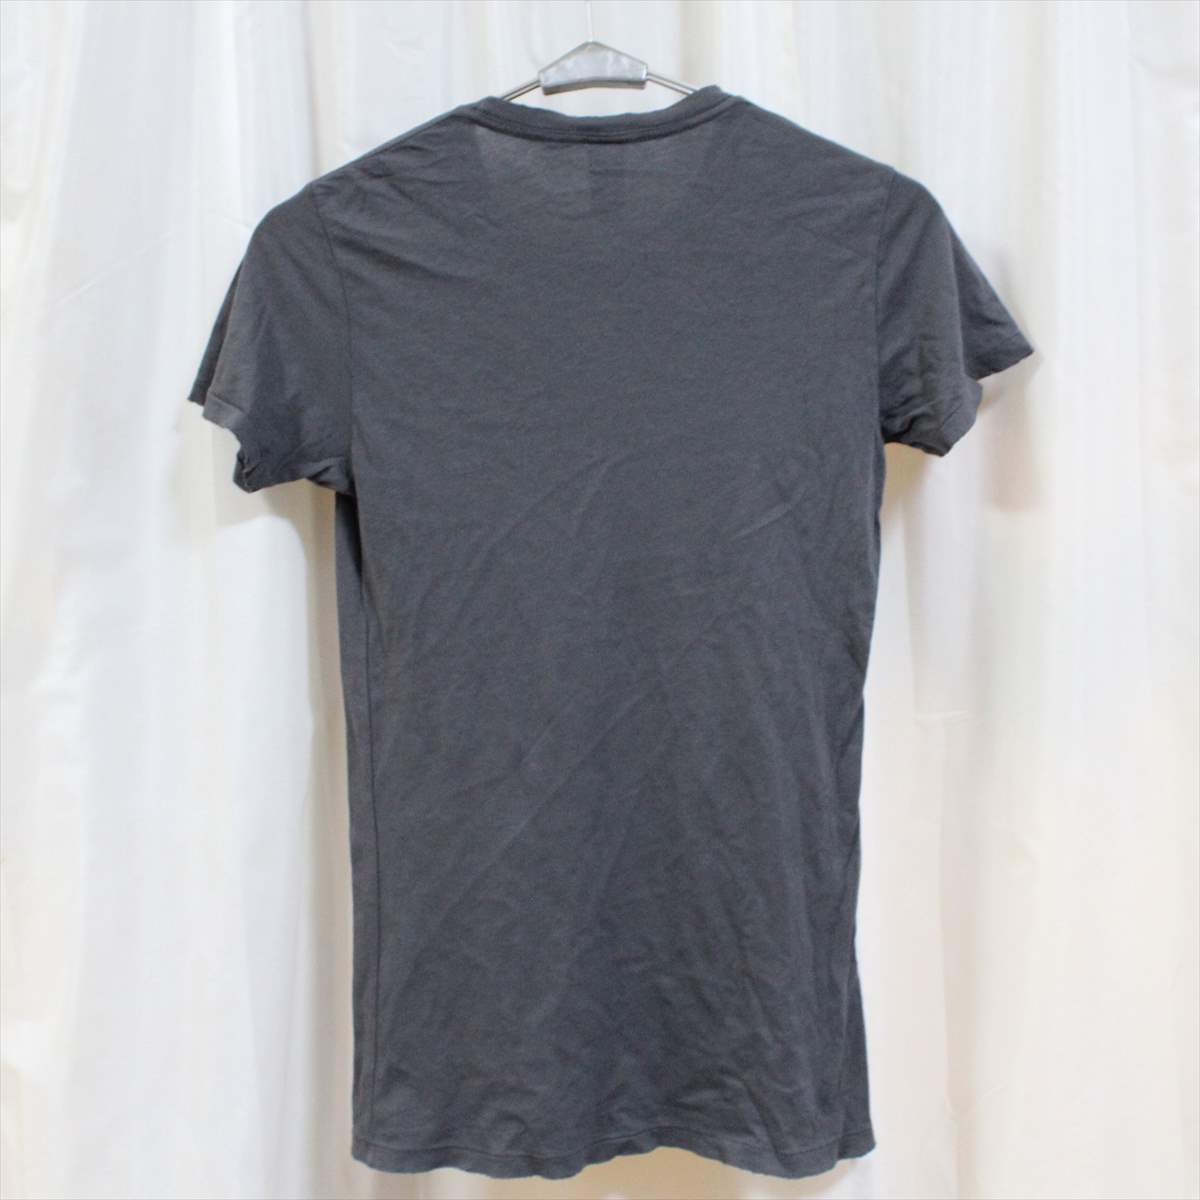 オルタナティブ アパレル alternative apparel レディース半袖Tシャツ チャコール Sサイズ 新品 vintage soft アメリカ製_画像3